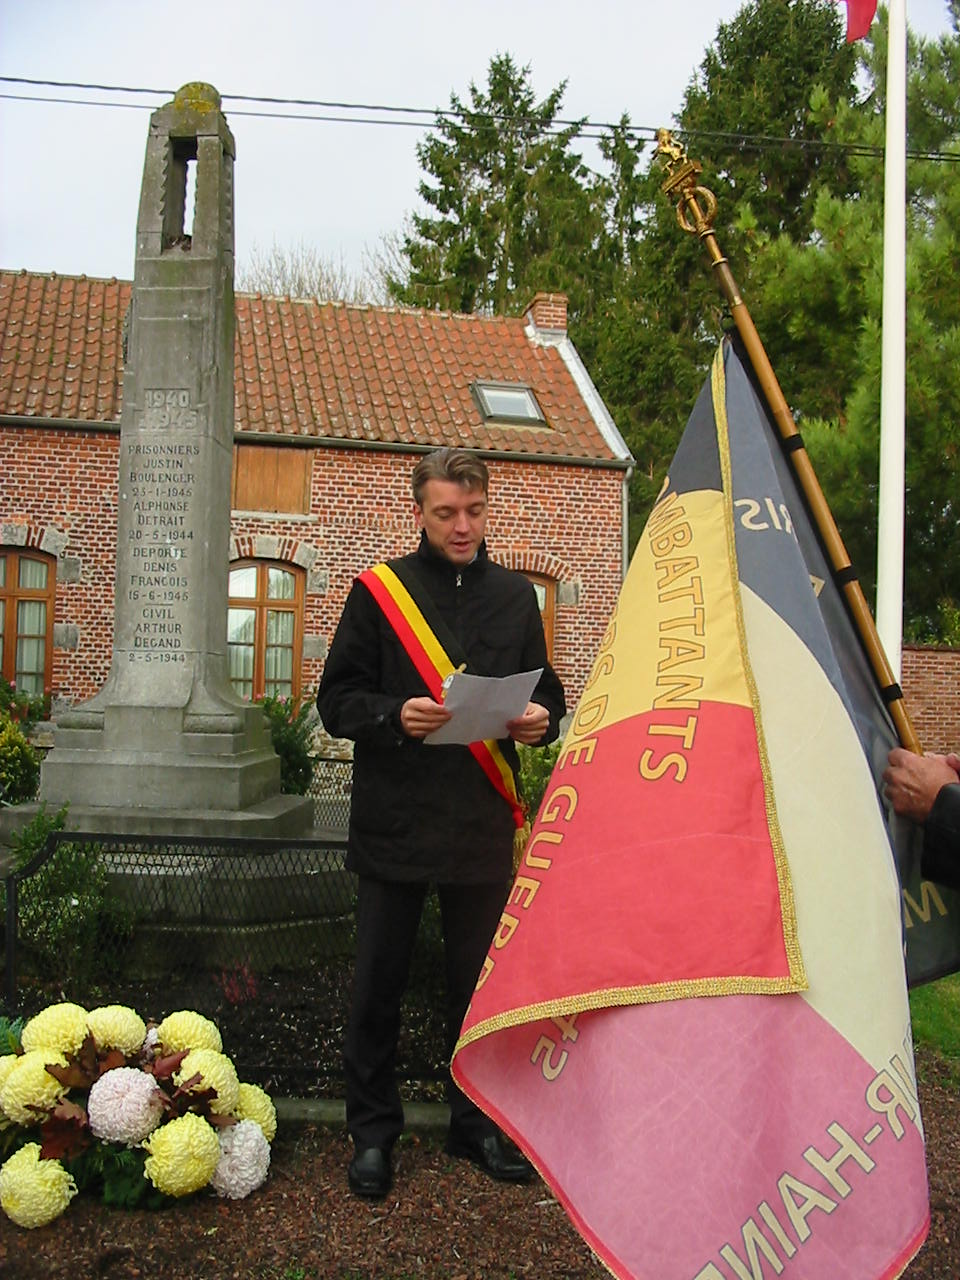 Discours prononcé par Eric THIEBAUT, Bourgmestre, lors des commémorations du 11 novembre